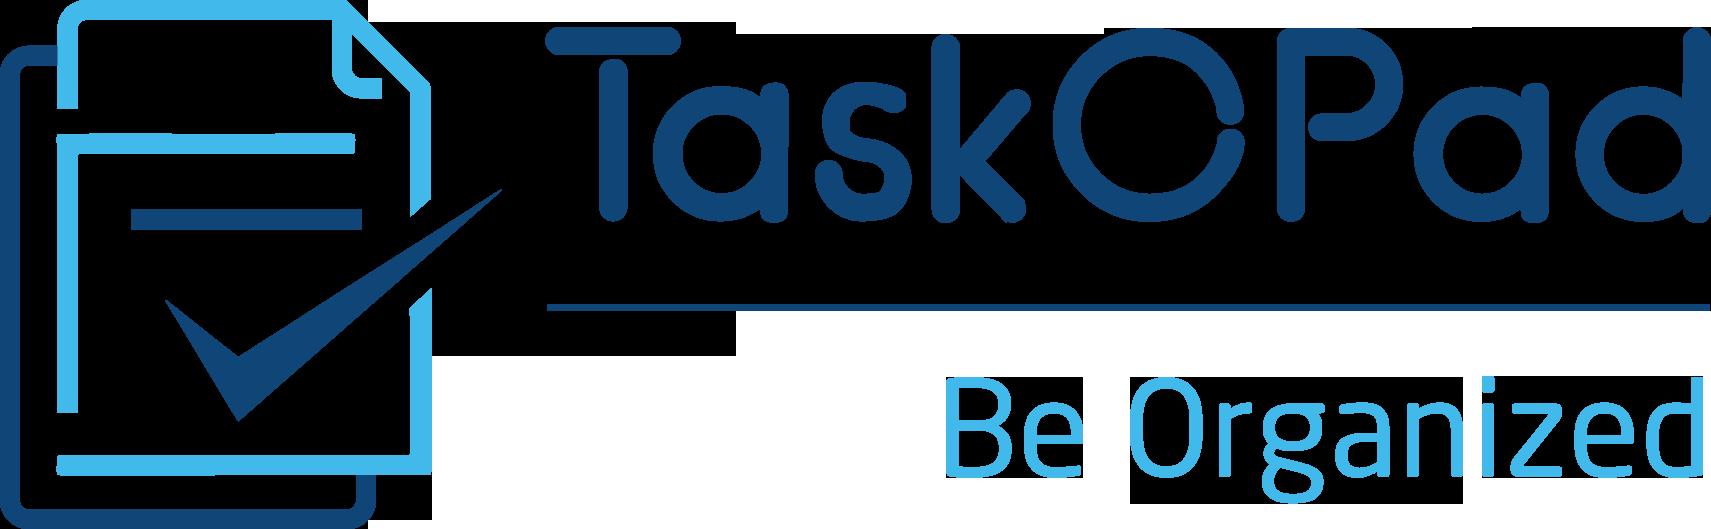 TaskOPad Icon